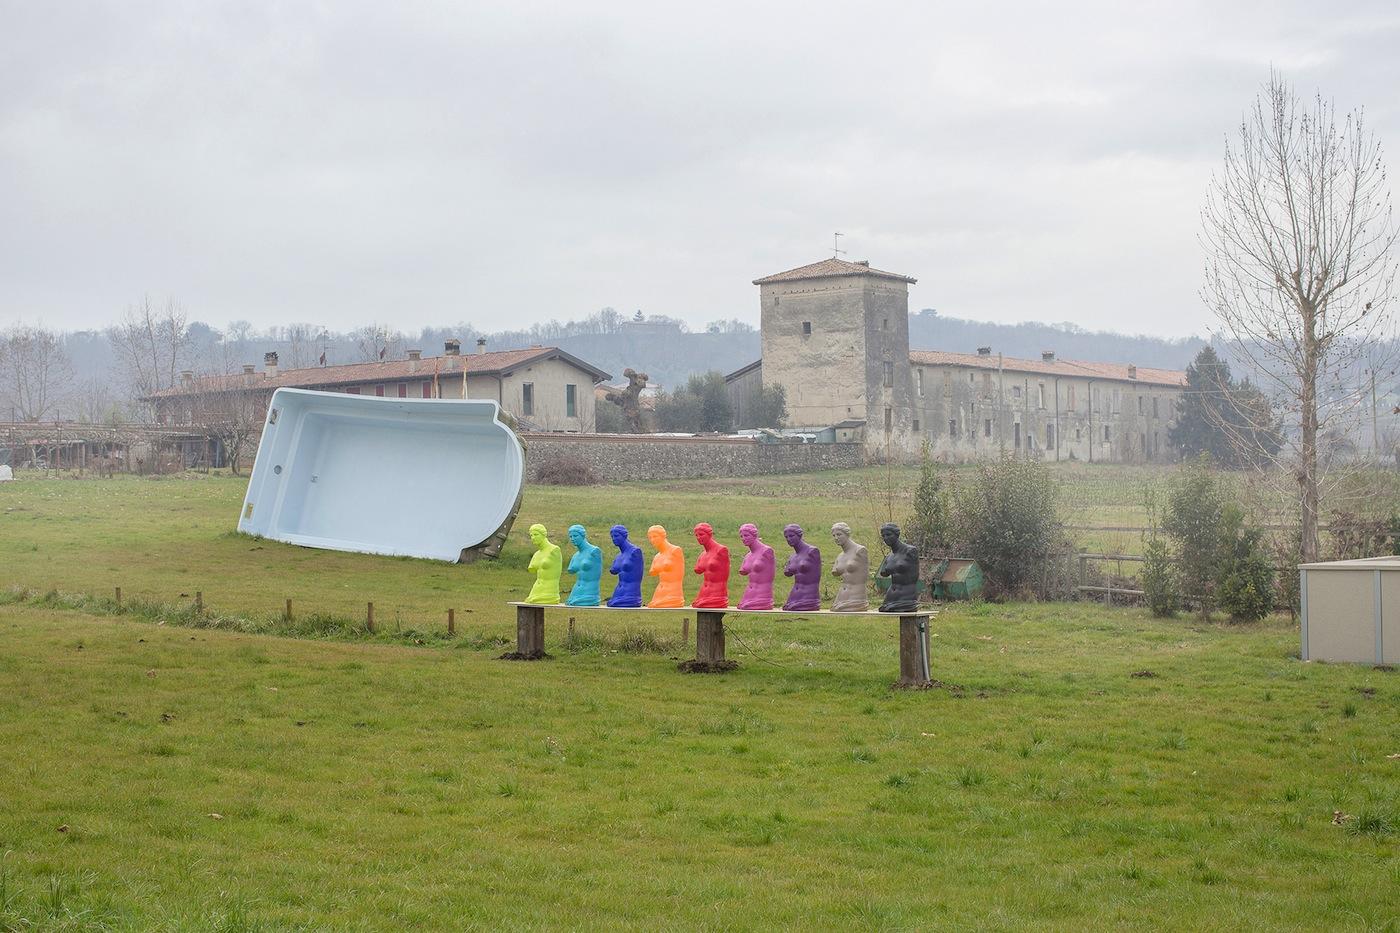 Filippo Minnelli, 213A0850.jpg, Padania, 2014, 48x33 cm © Filippo Minnelli, Atlante dei Classici Padani